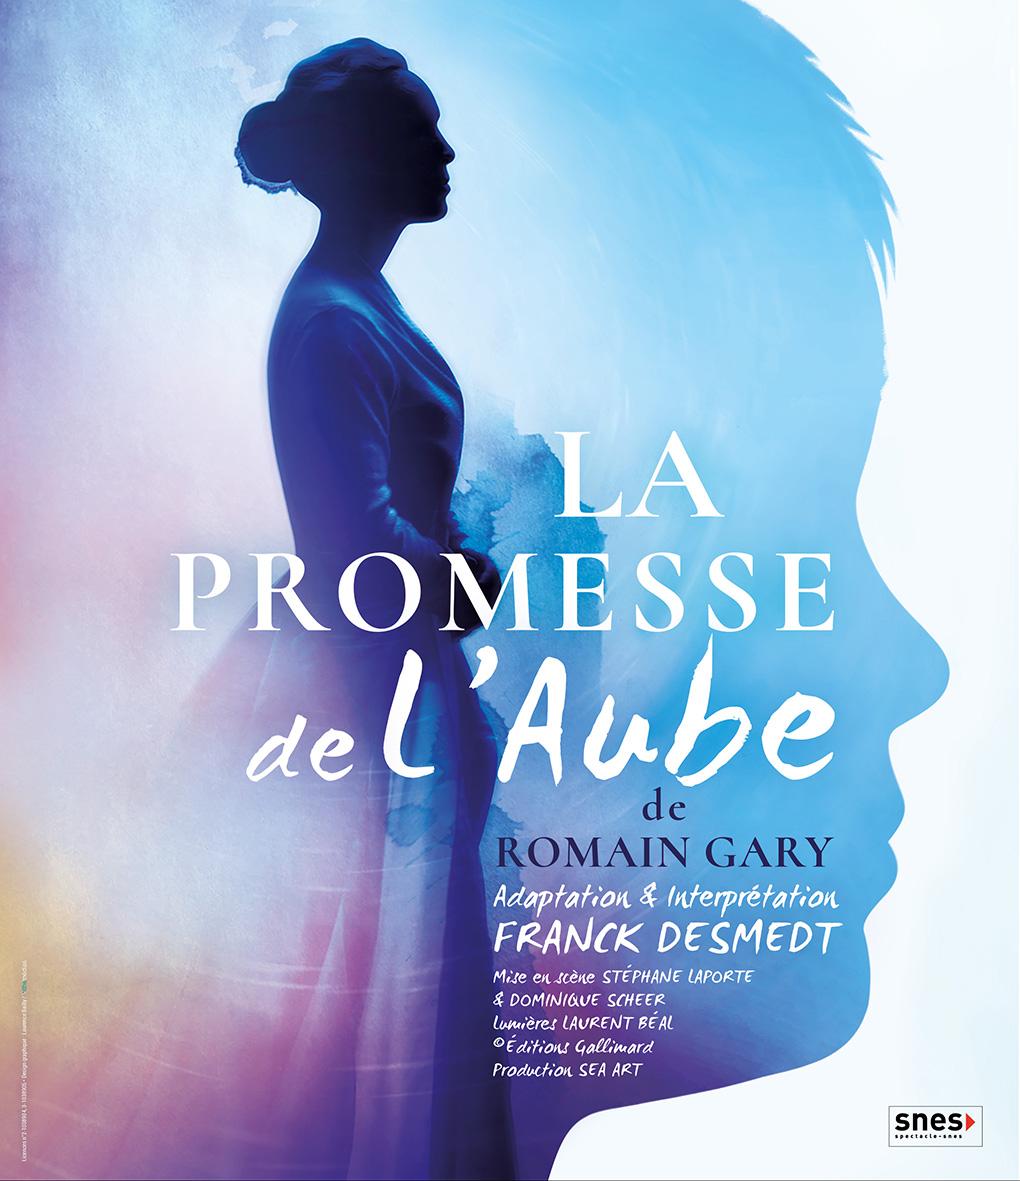 LA PROMESSE DE L'AUBE - 18h25 - Salle Juliette Drouet / Carrée